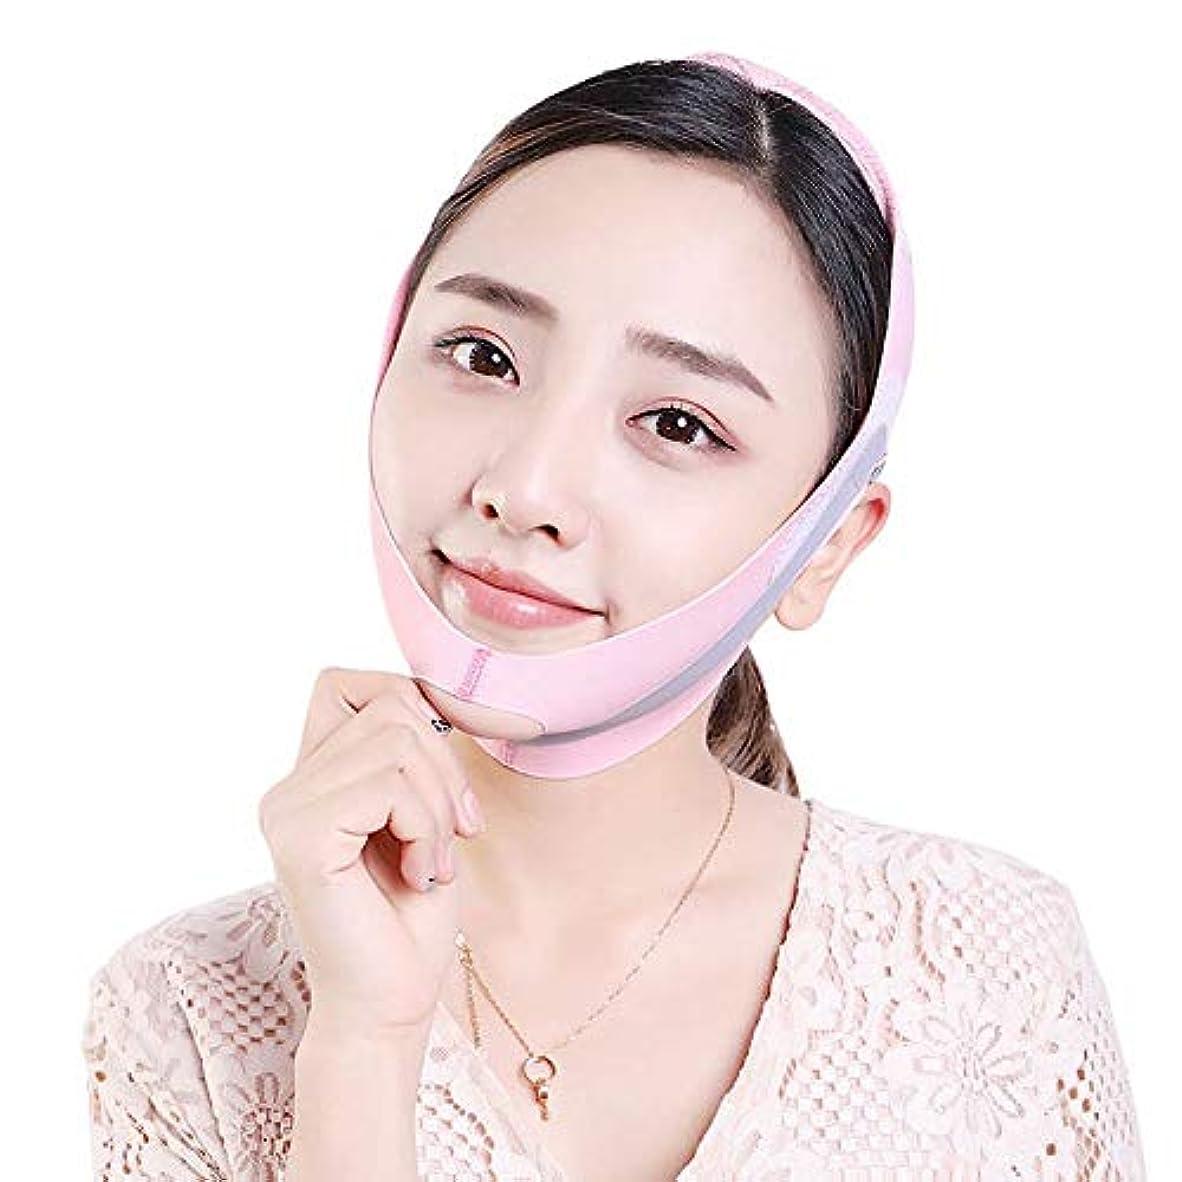 人気の文法デモンストレーションJia Jia- たるみを防ぐために顔を持ち上げるために筋肉を引き締めるために二重あごのステッカーとラインを削除するために、顔を持ち上げるアーティファクト包帯があります - ピンク 顔面包帯